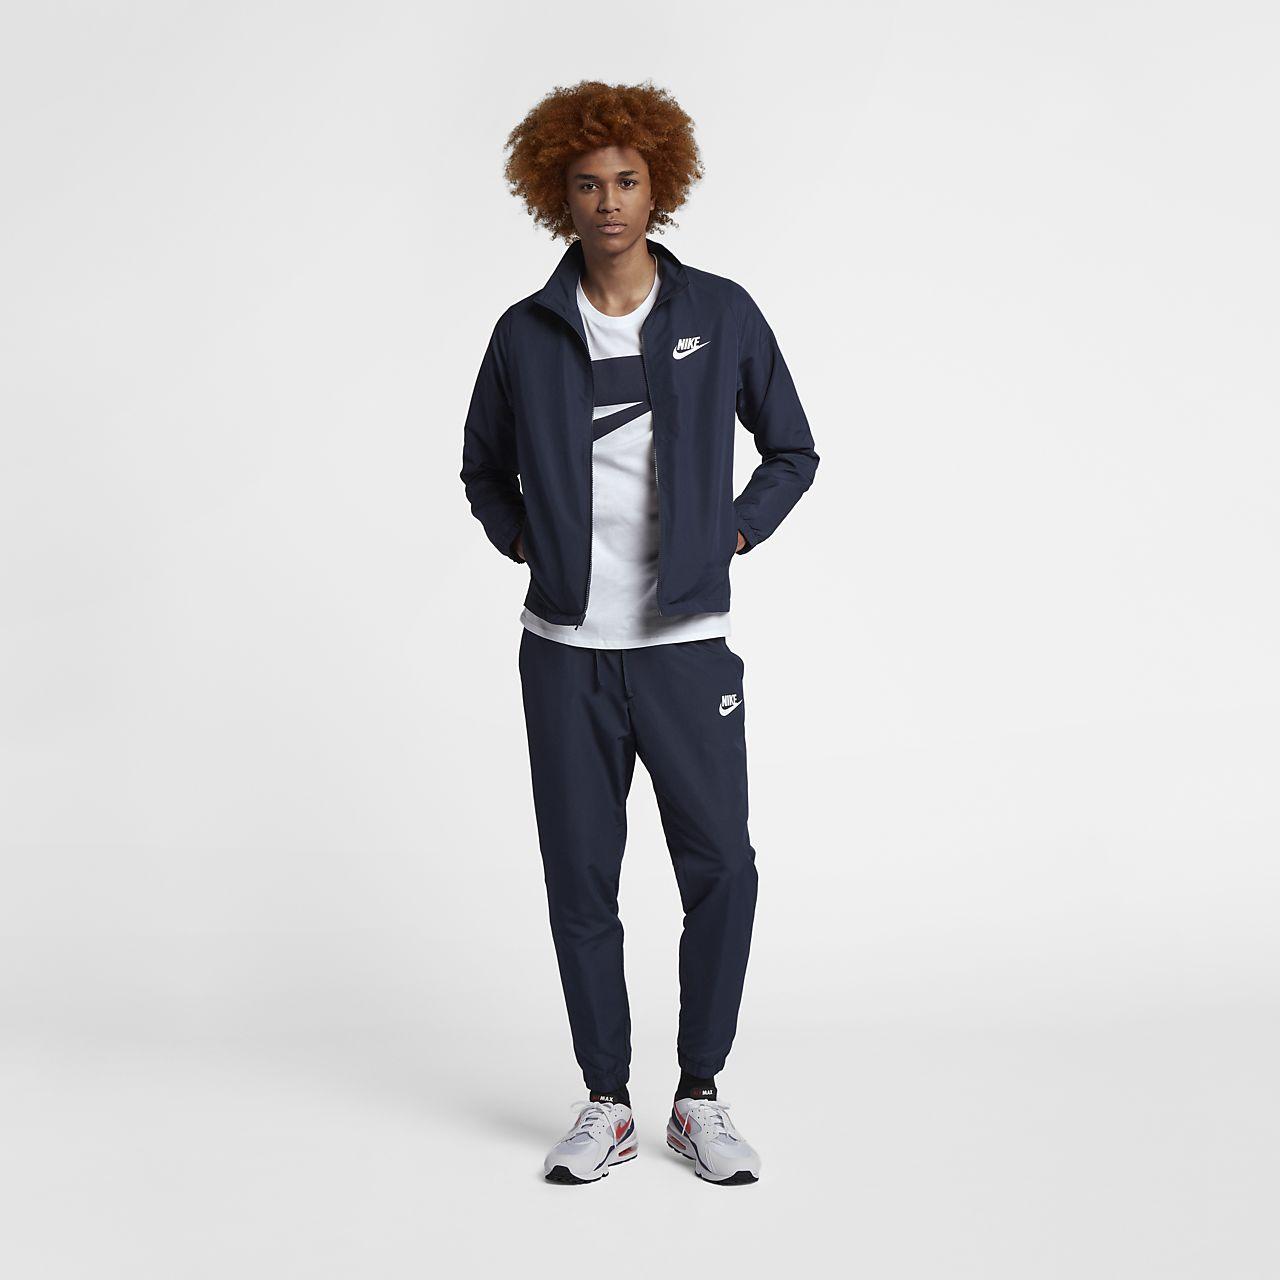 Vävd tracksuit Nike Sportswear för män